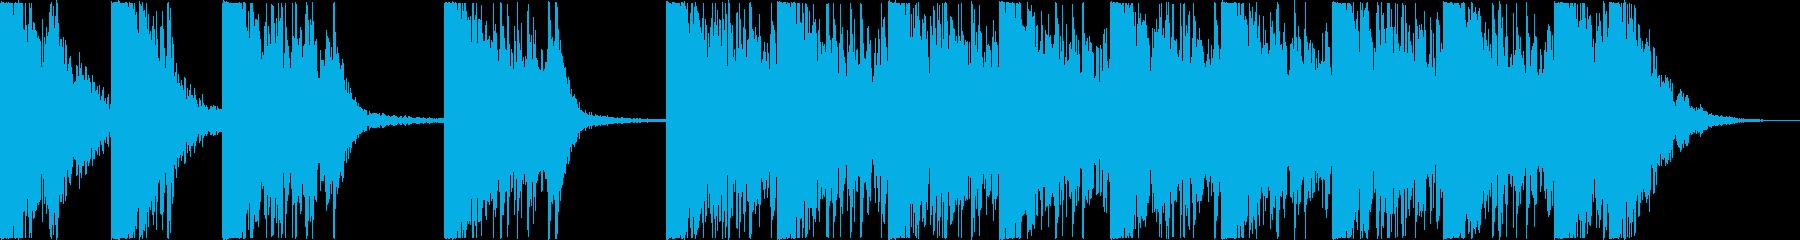 打楽器+打撃音 BPM=132の再生済みの波形